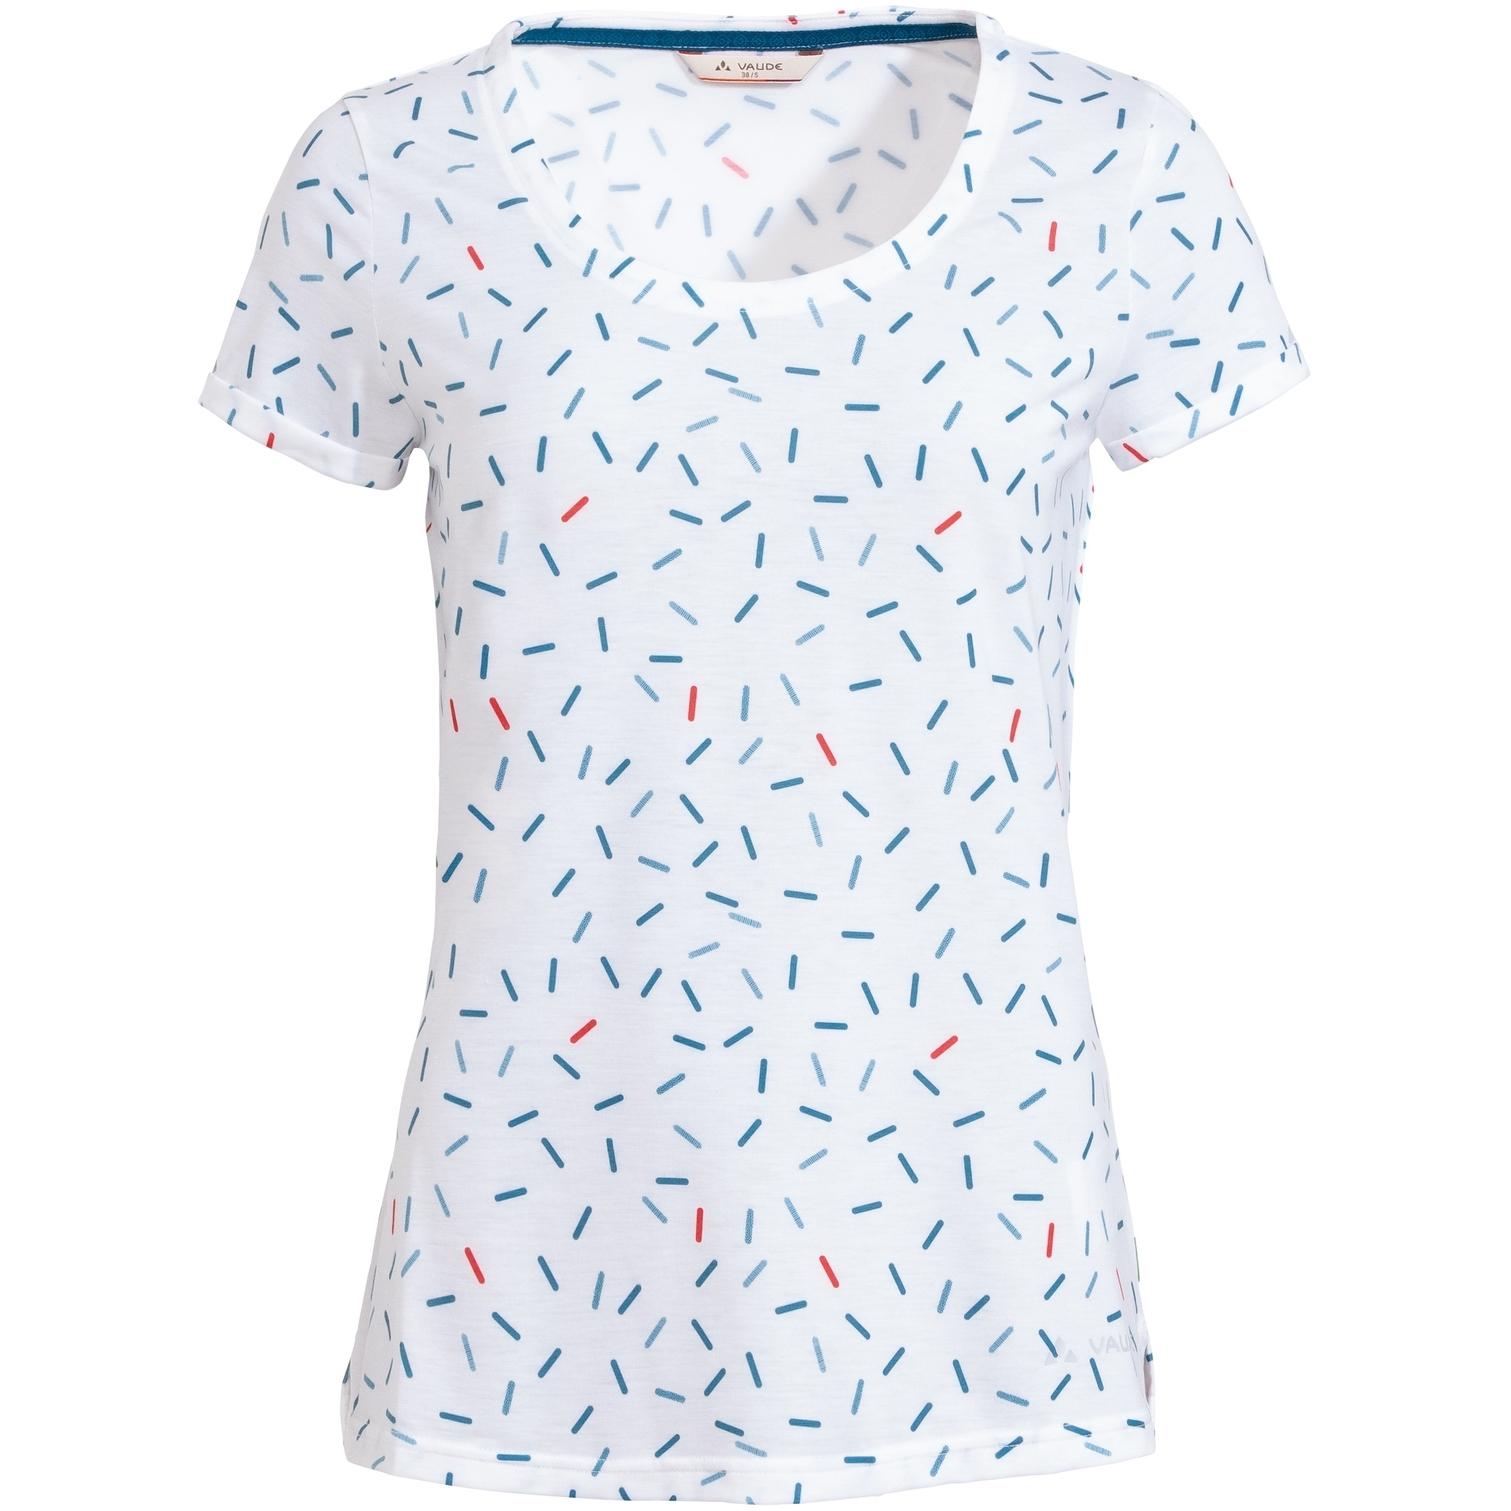 Bild von Vaude Skomer All Over Print T-Shirt Damen - white uni